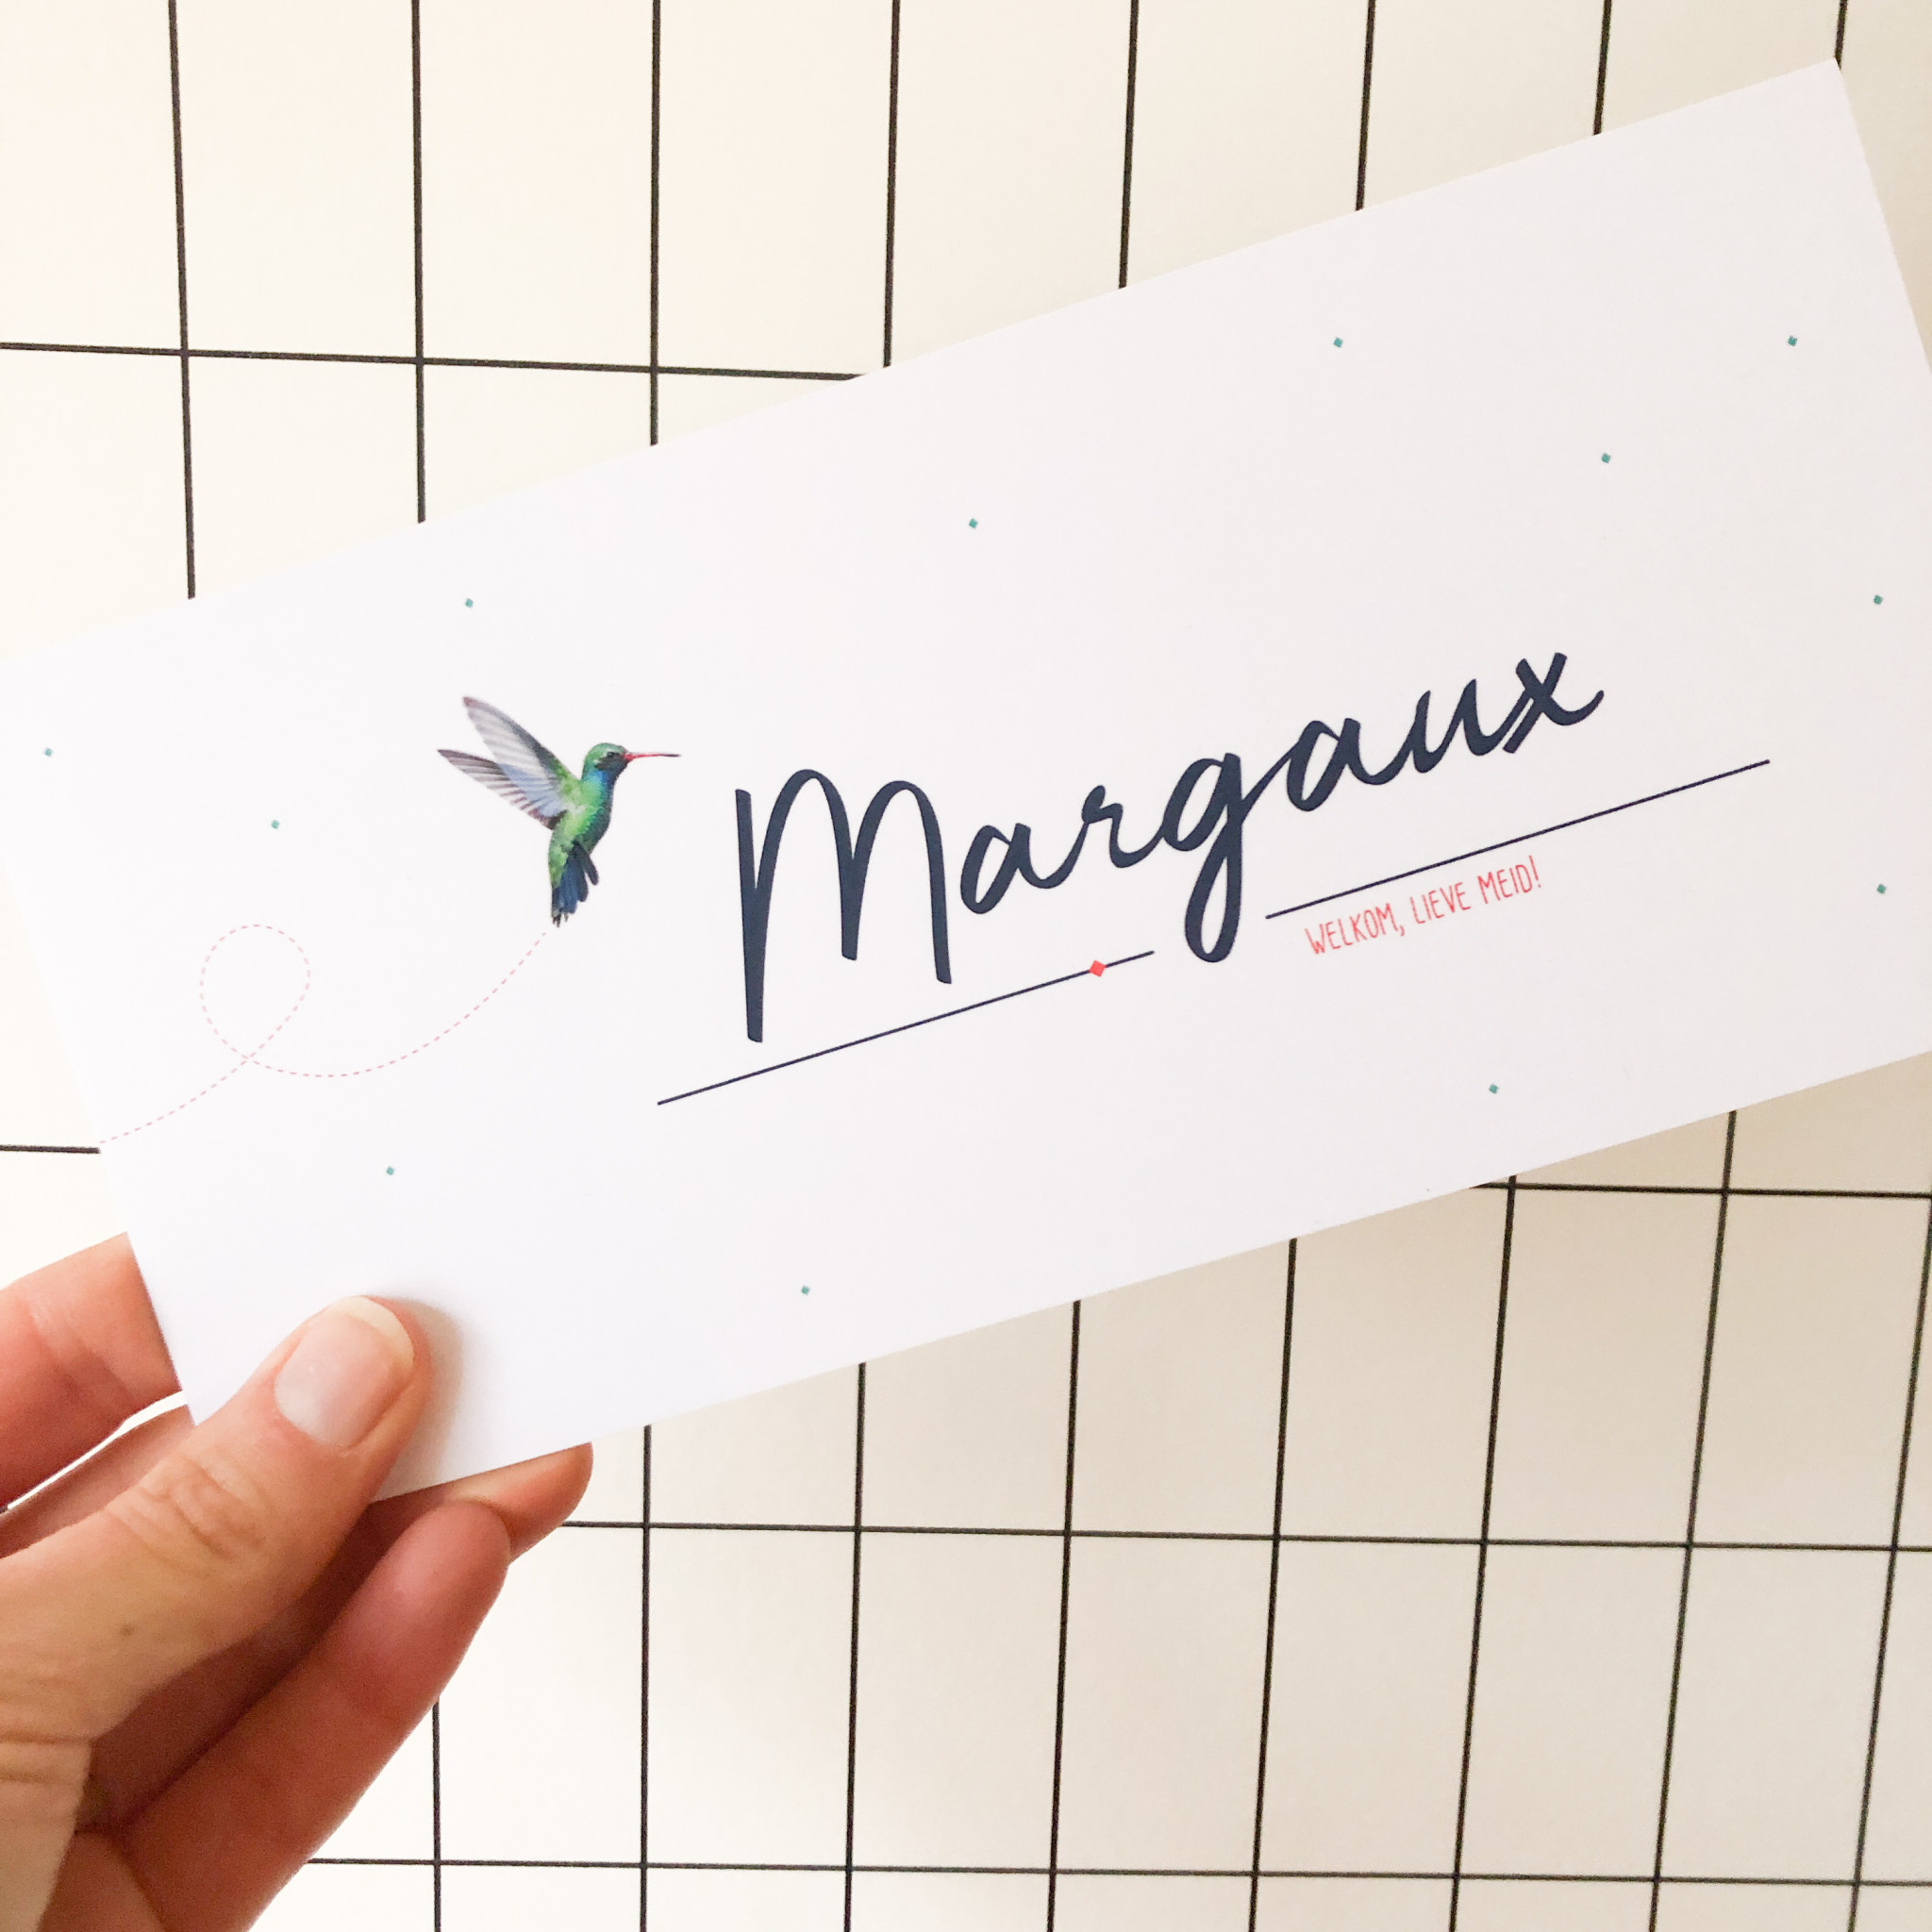 geboren_01-22 Margaux